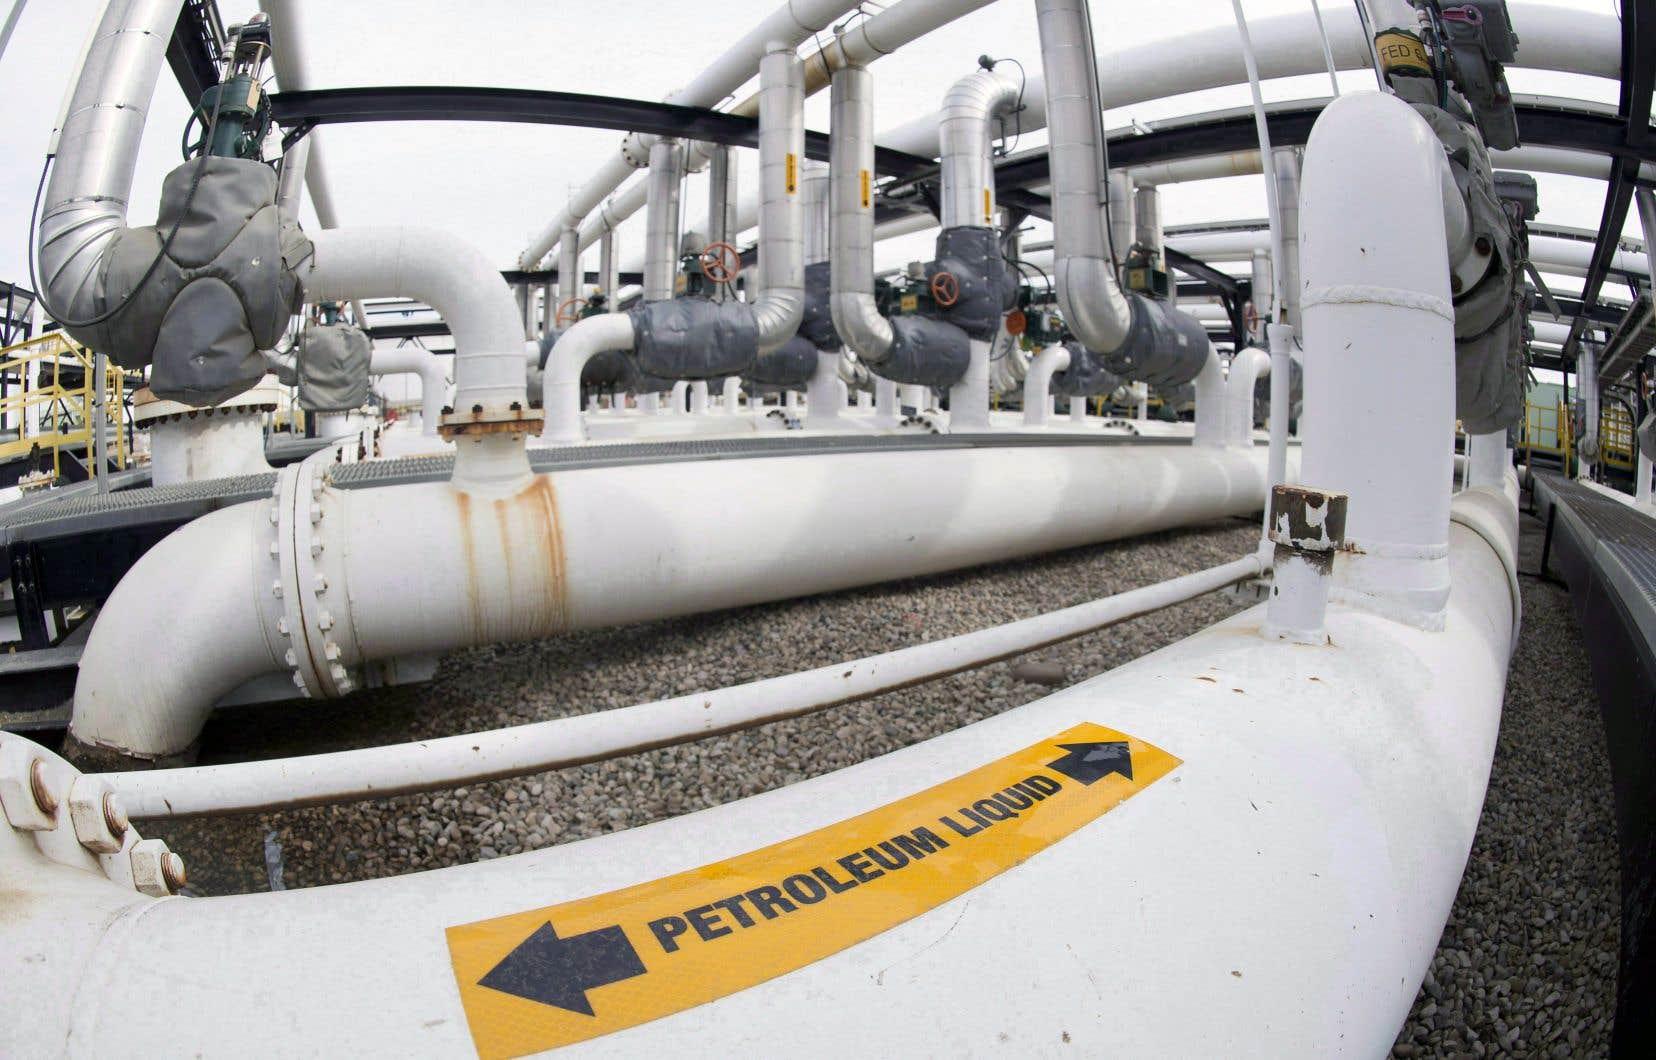 La règle de la proportionnalité donne à Washington un accès pratiquement illimité à la plus grande partie des ressources pétrolières et gazières du Canada.